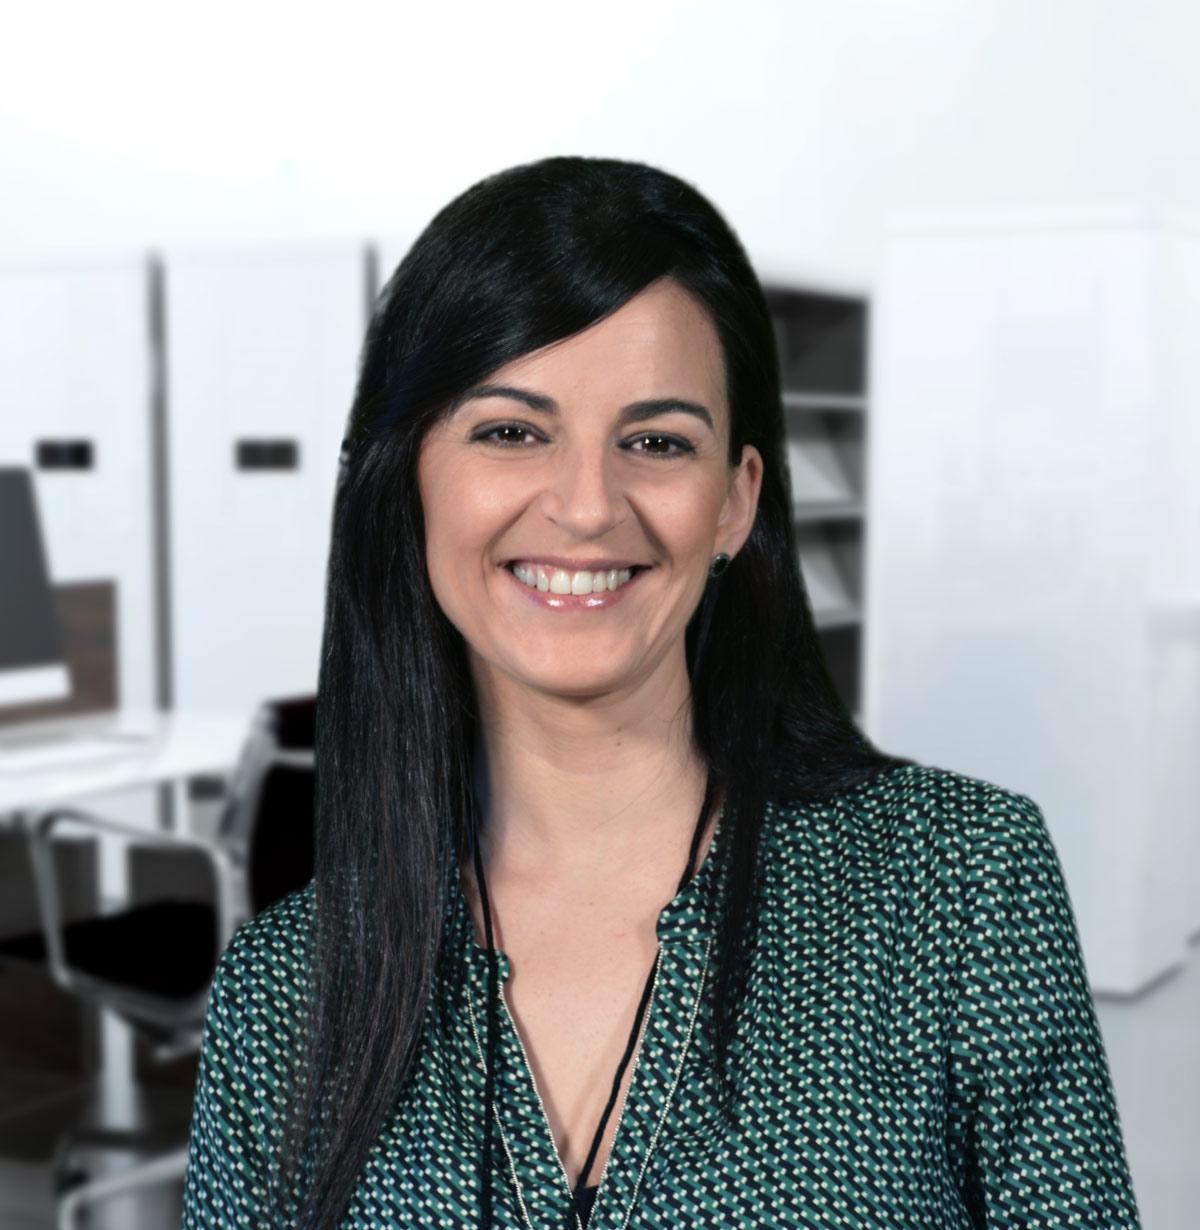 Entrevistamos a Rut Ballesteros, socia directora del gabinete de asesoría empresarial Cavala